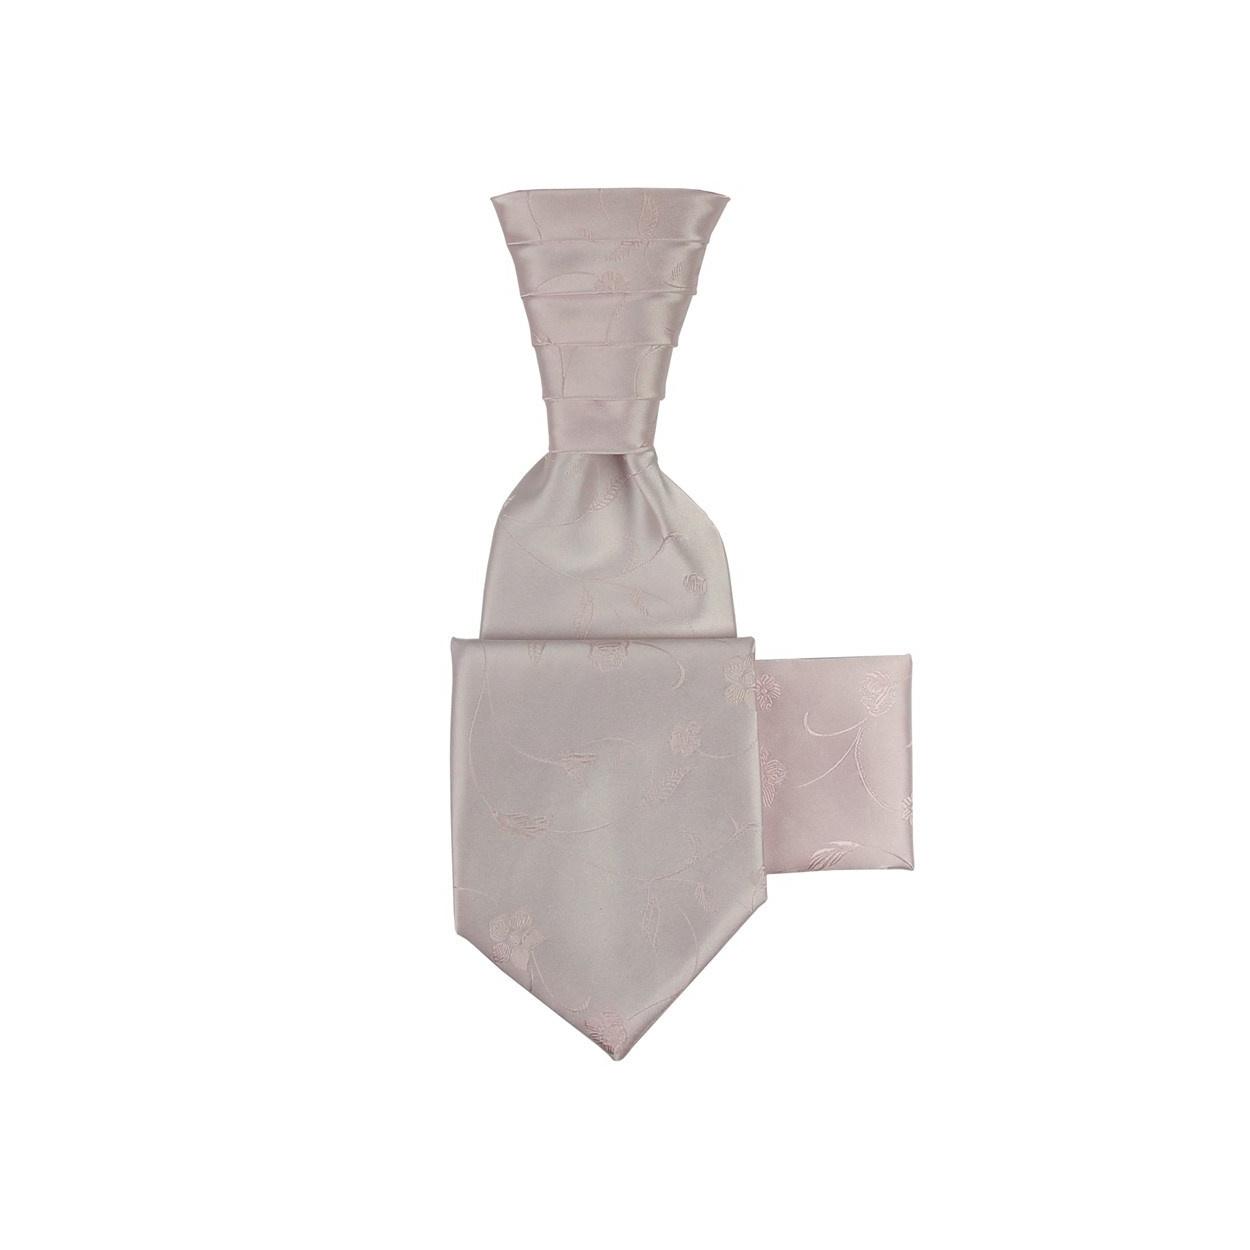 Jemně růžová svatební kravata s kapesníčkem - Regata